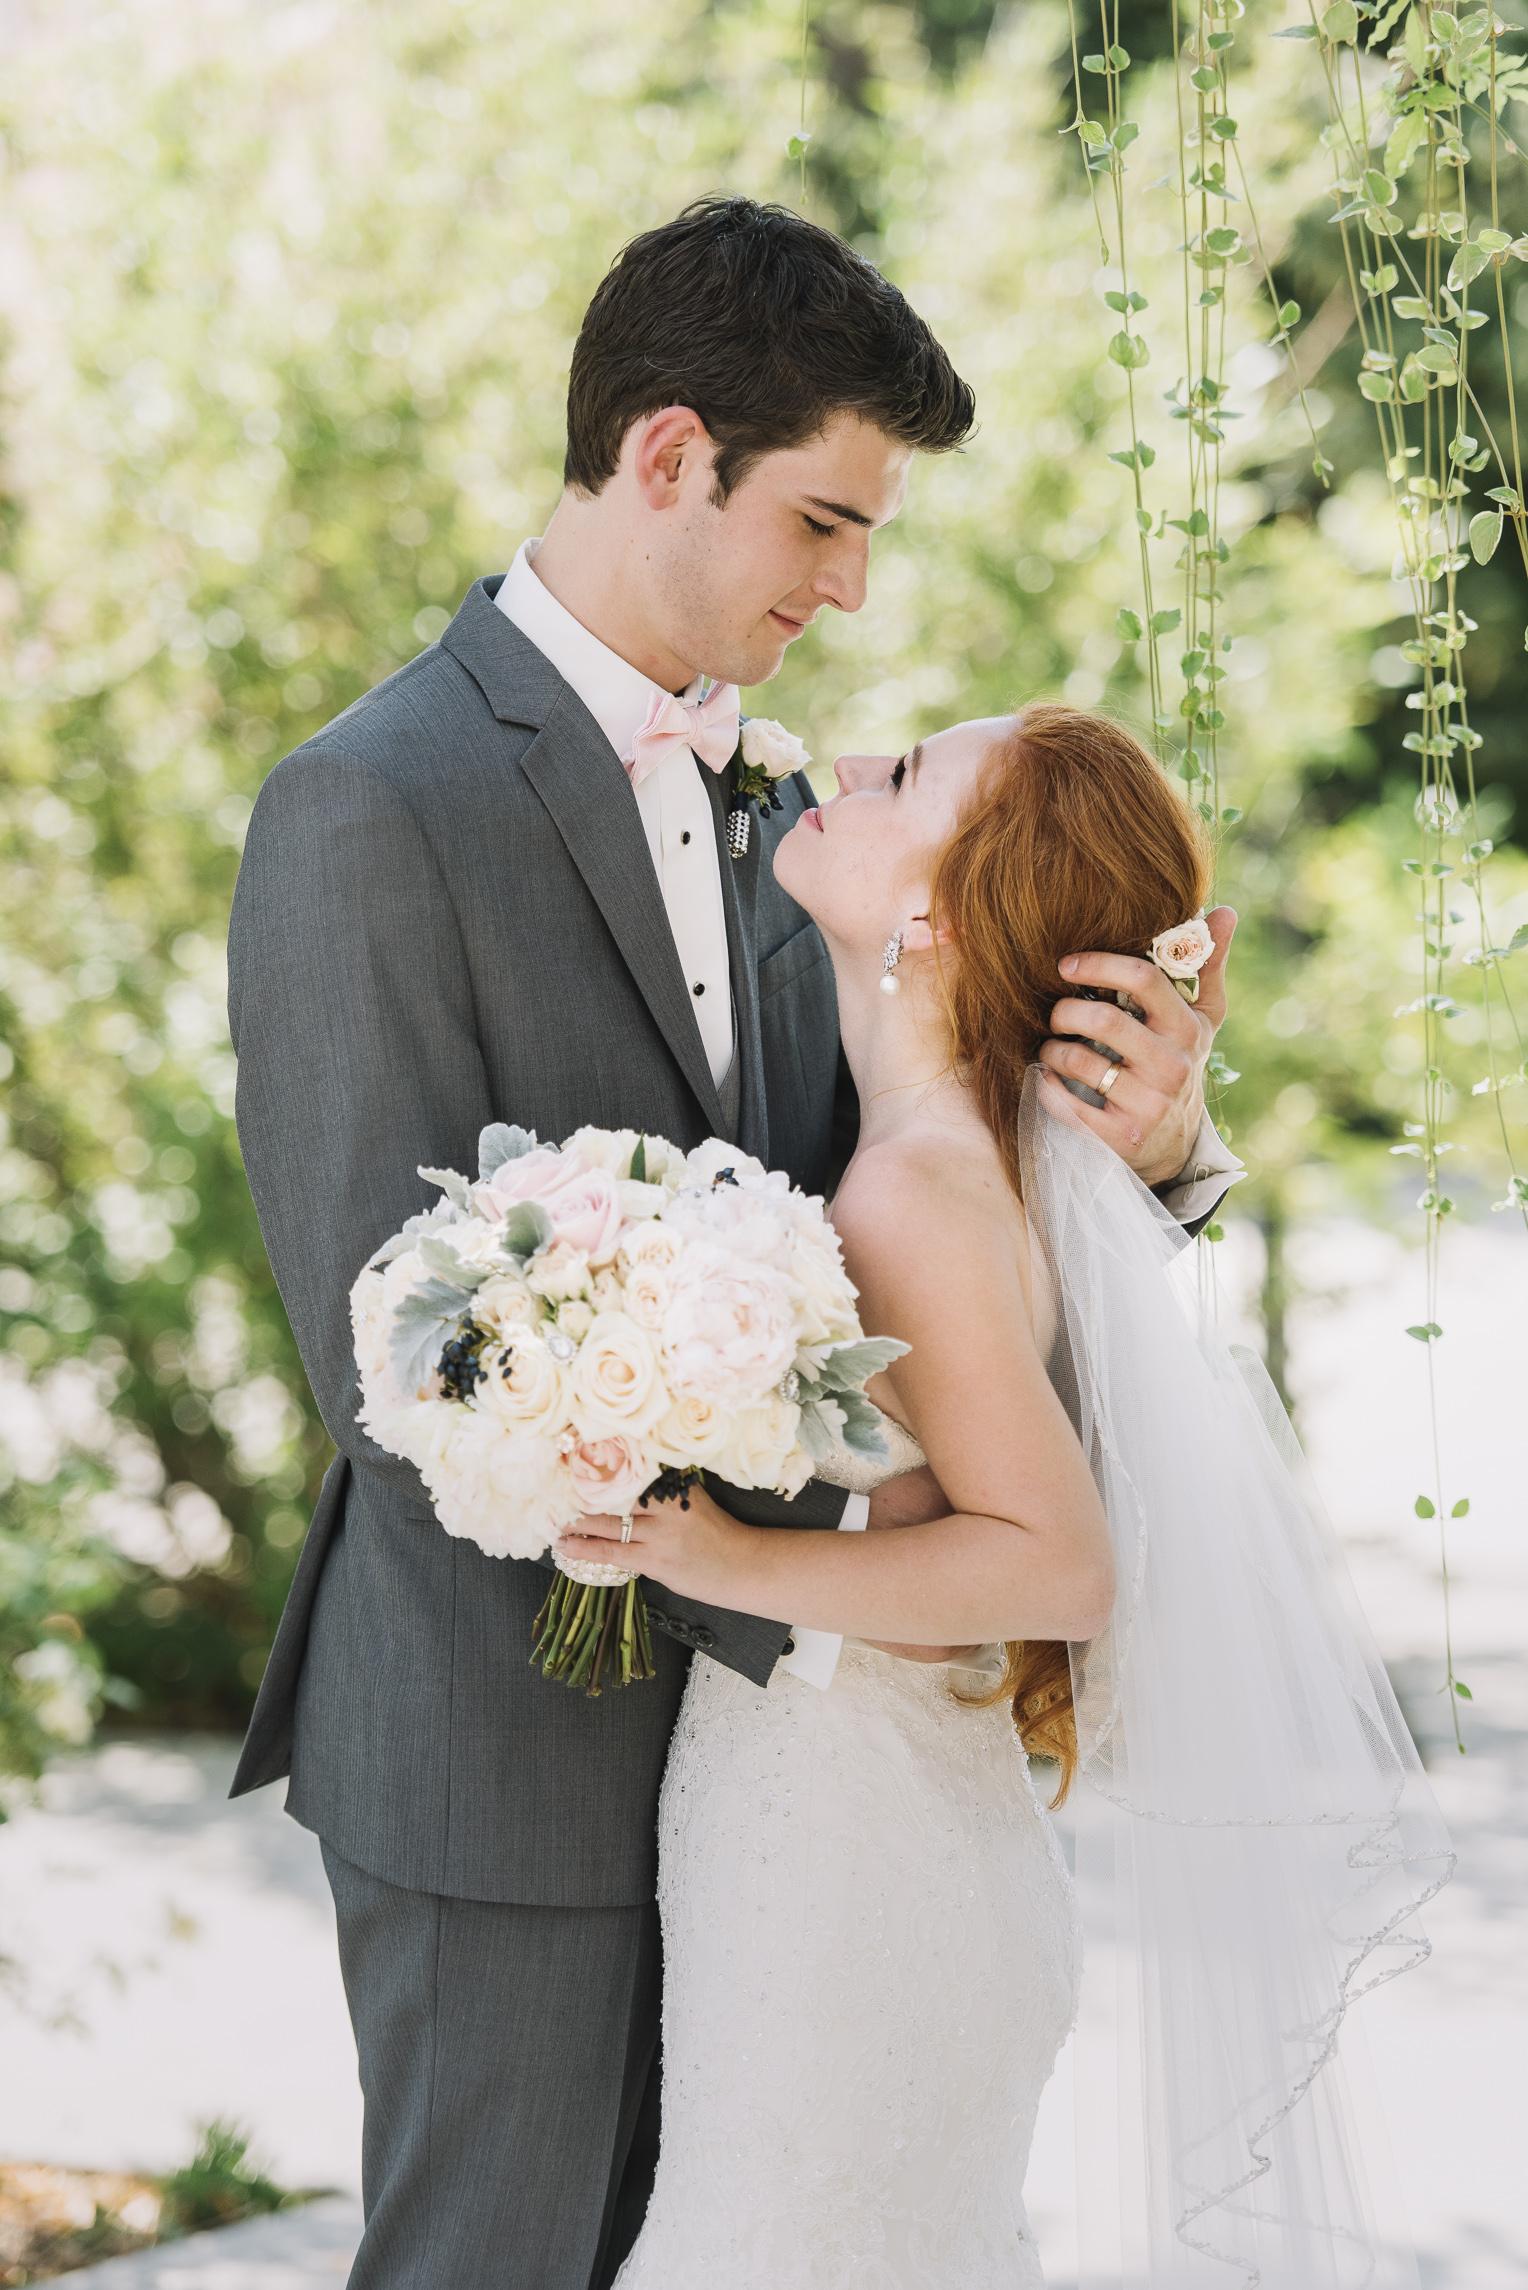 web sized images -- no to print --CALVIN & MCKYLEY WEDDING PHOTOS - COLORADO PHOTOGRAPHER - DEBI RAE PHOTOGRAPHY-1162.jpg